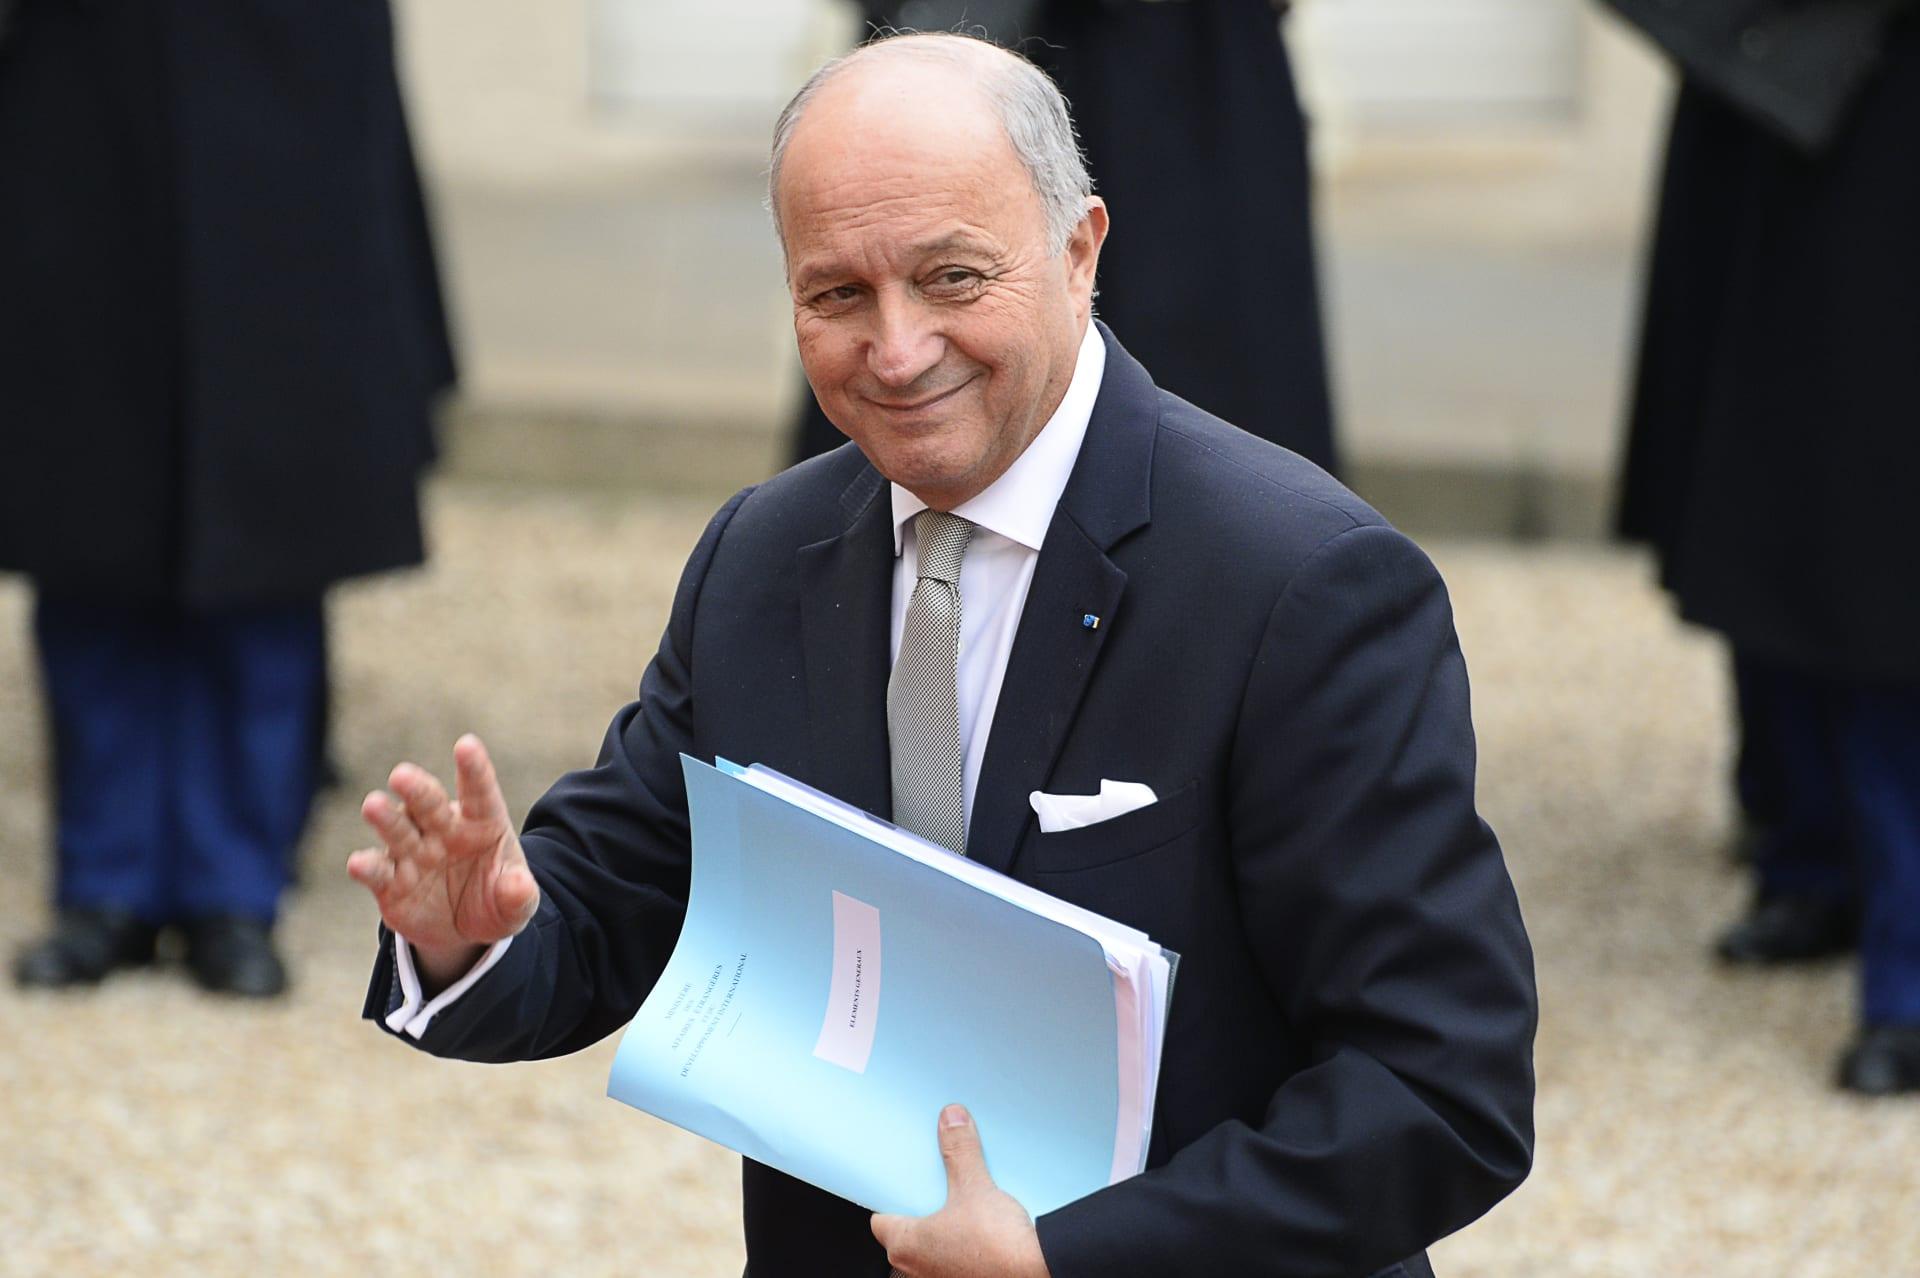 بعد تلويح باريس بالاعتراف بالدولة الفلسطينية.. انتقاد إسرائيلي وترحيب فلسطيني بالمبادرة الفرنسية لإحياء المفاوضات